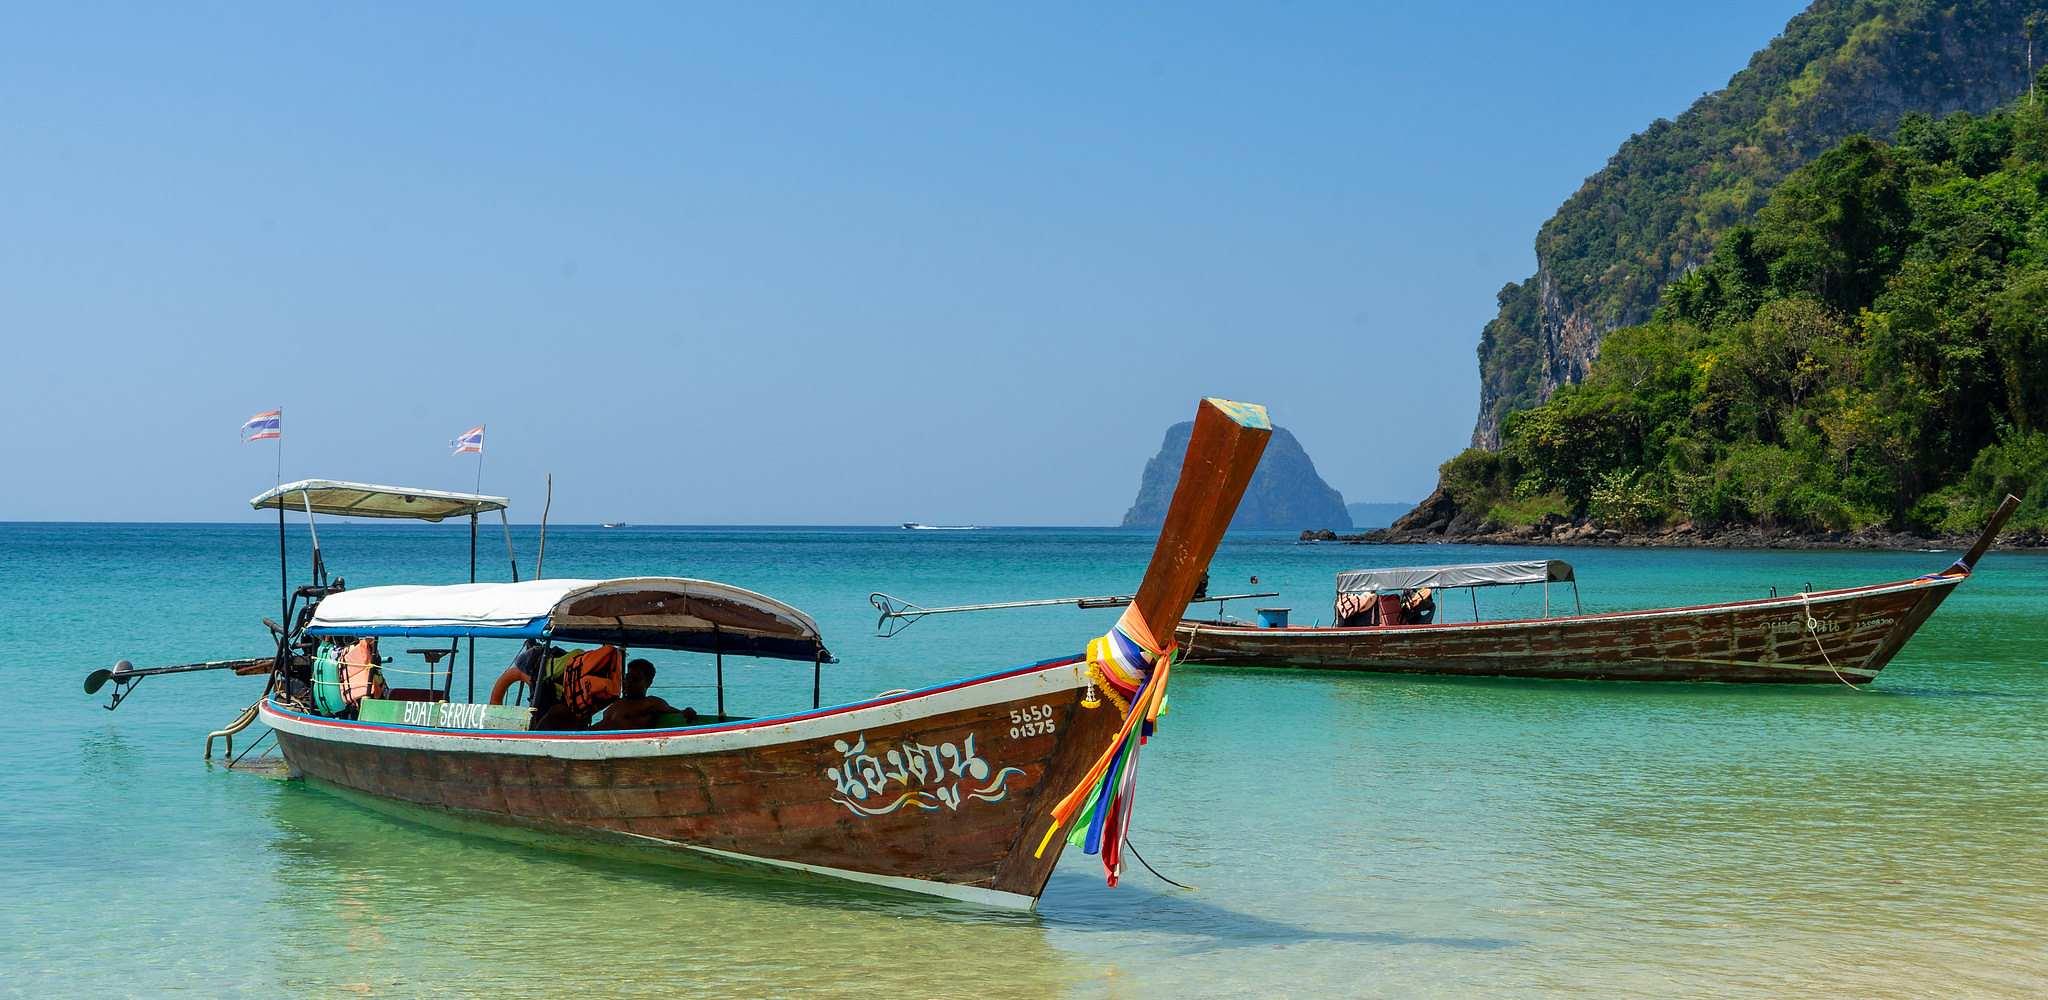 Lontailboot in blauwe zee van Koh Mook